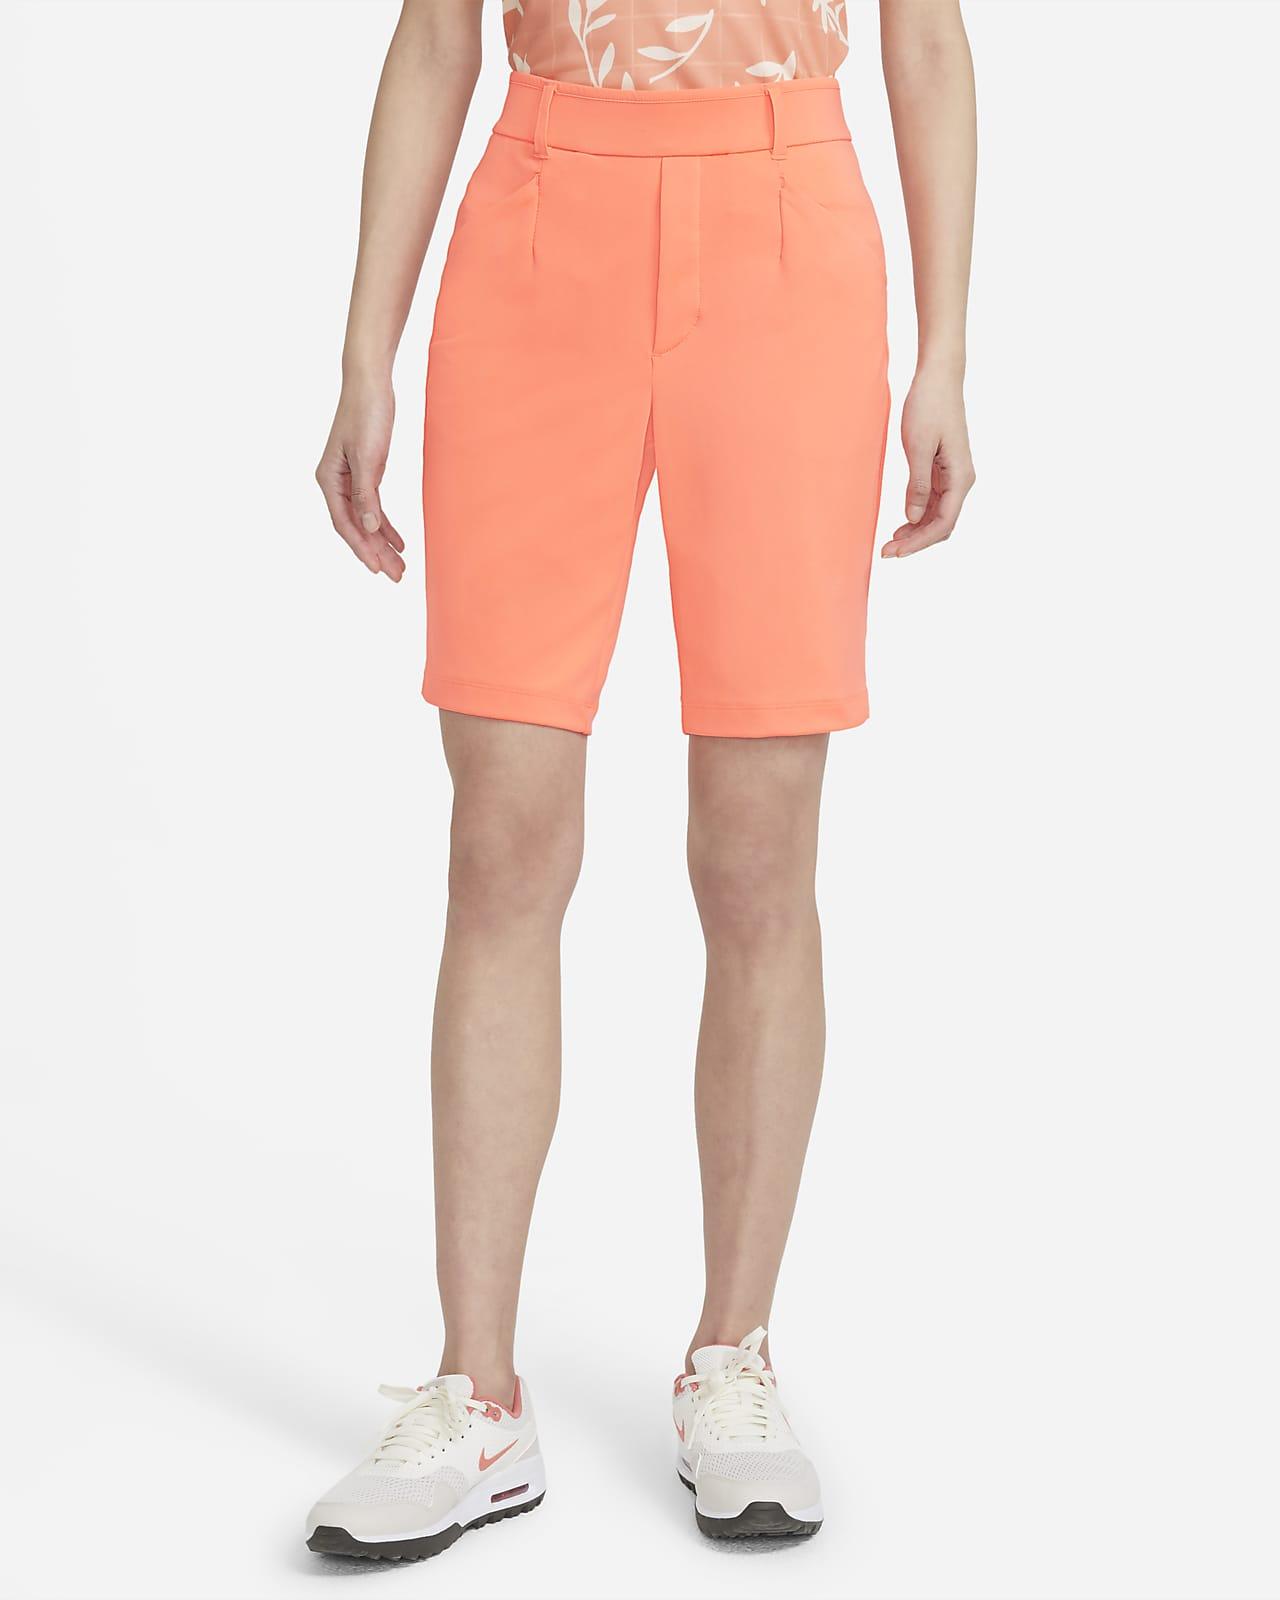 Short de golf Nike Dri-FIT UV Ace pour Femme